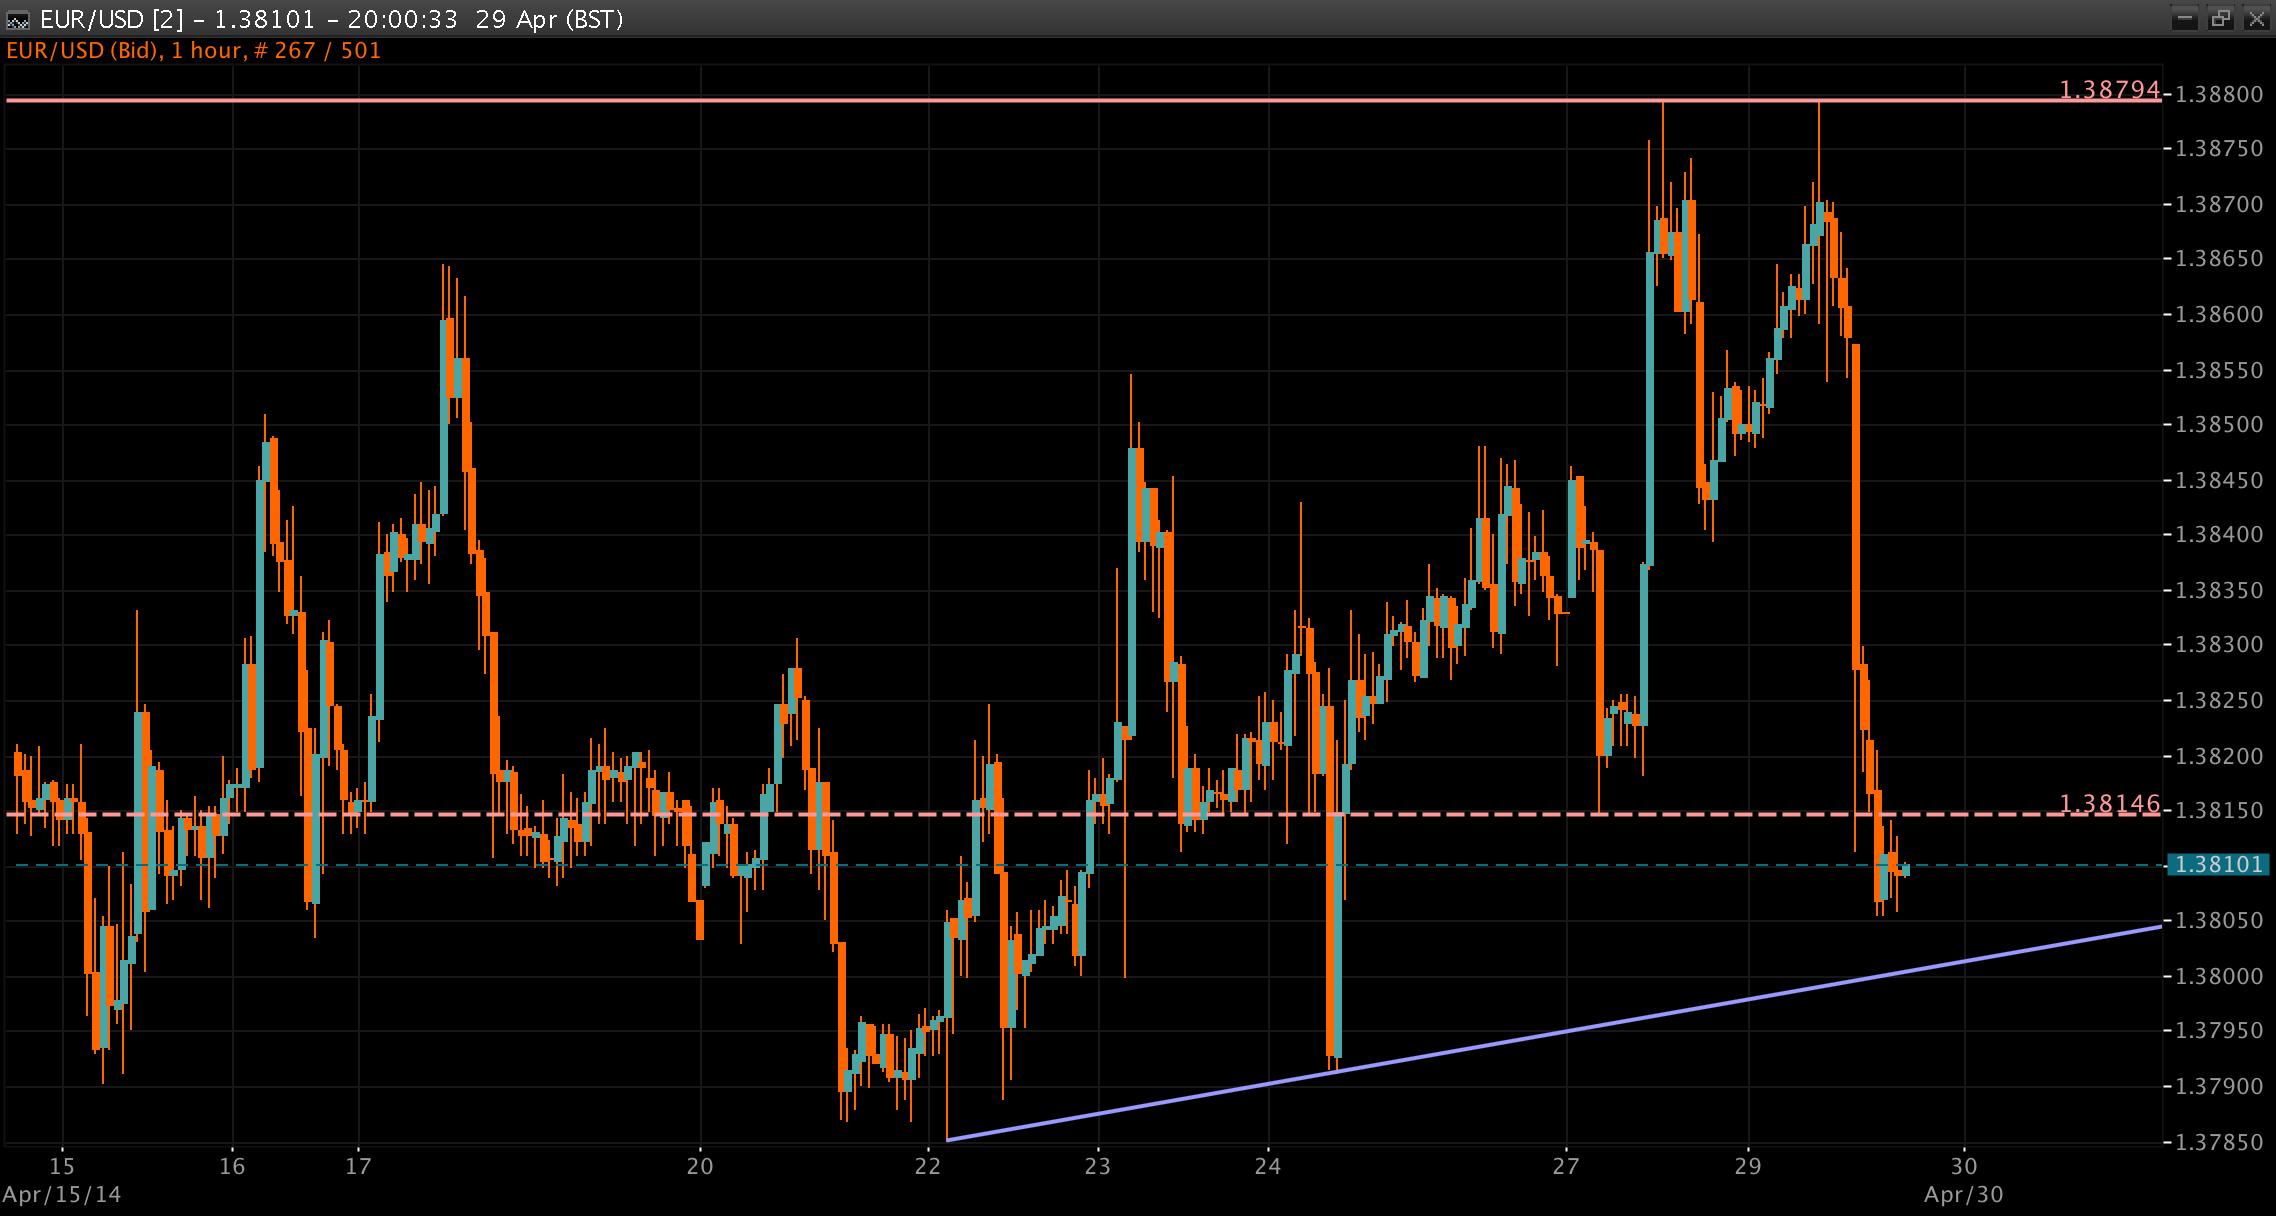 EUR/USD Chart 29 April 2014